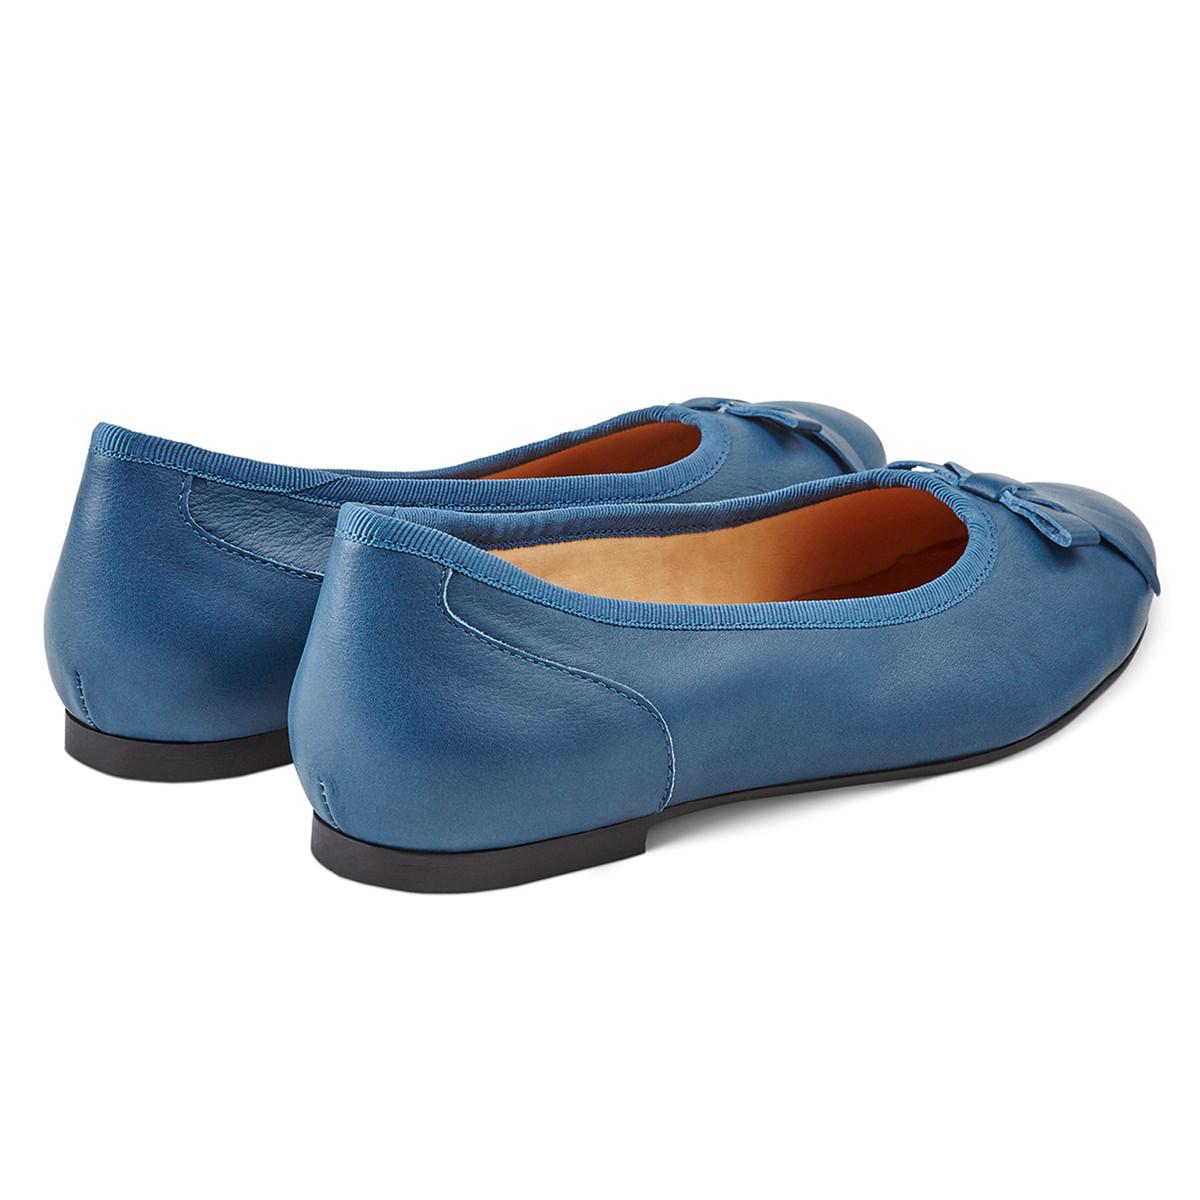 Ballerina mit Schleife Blau